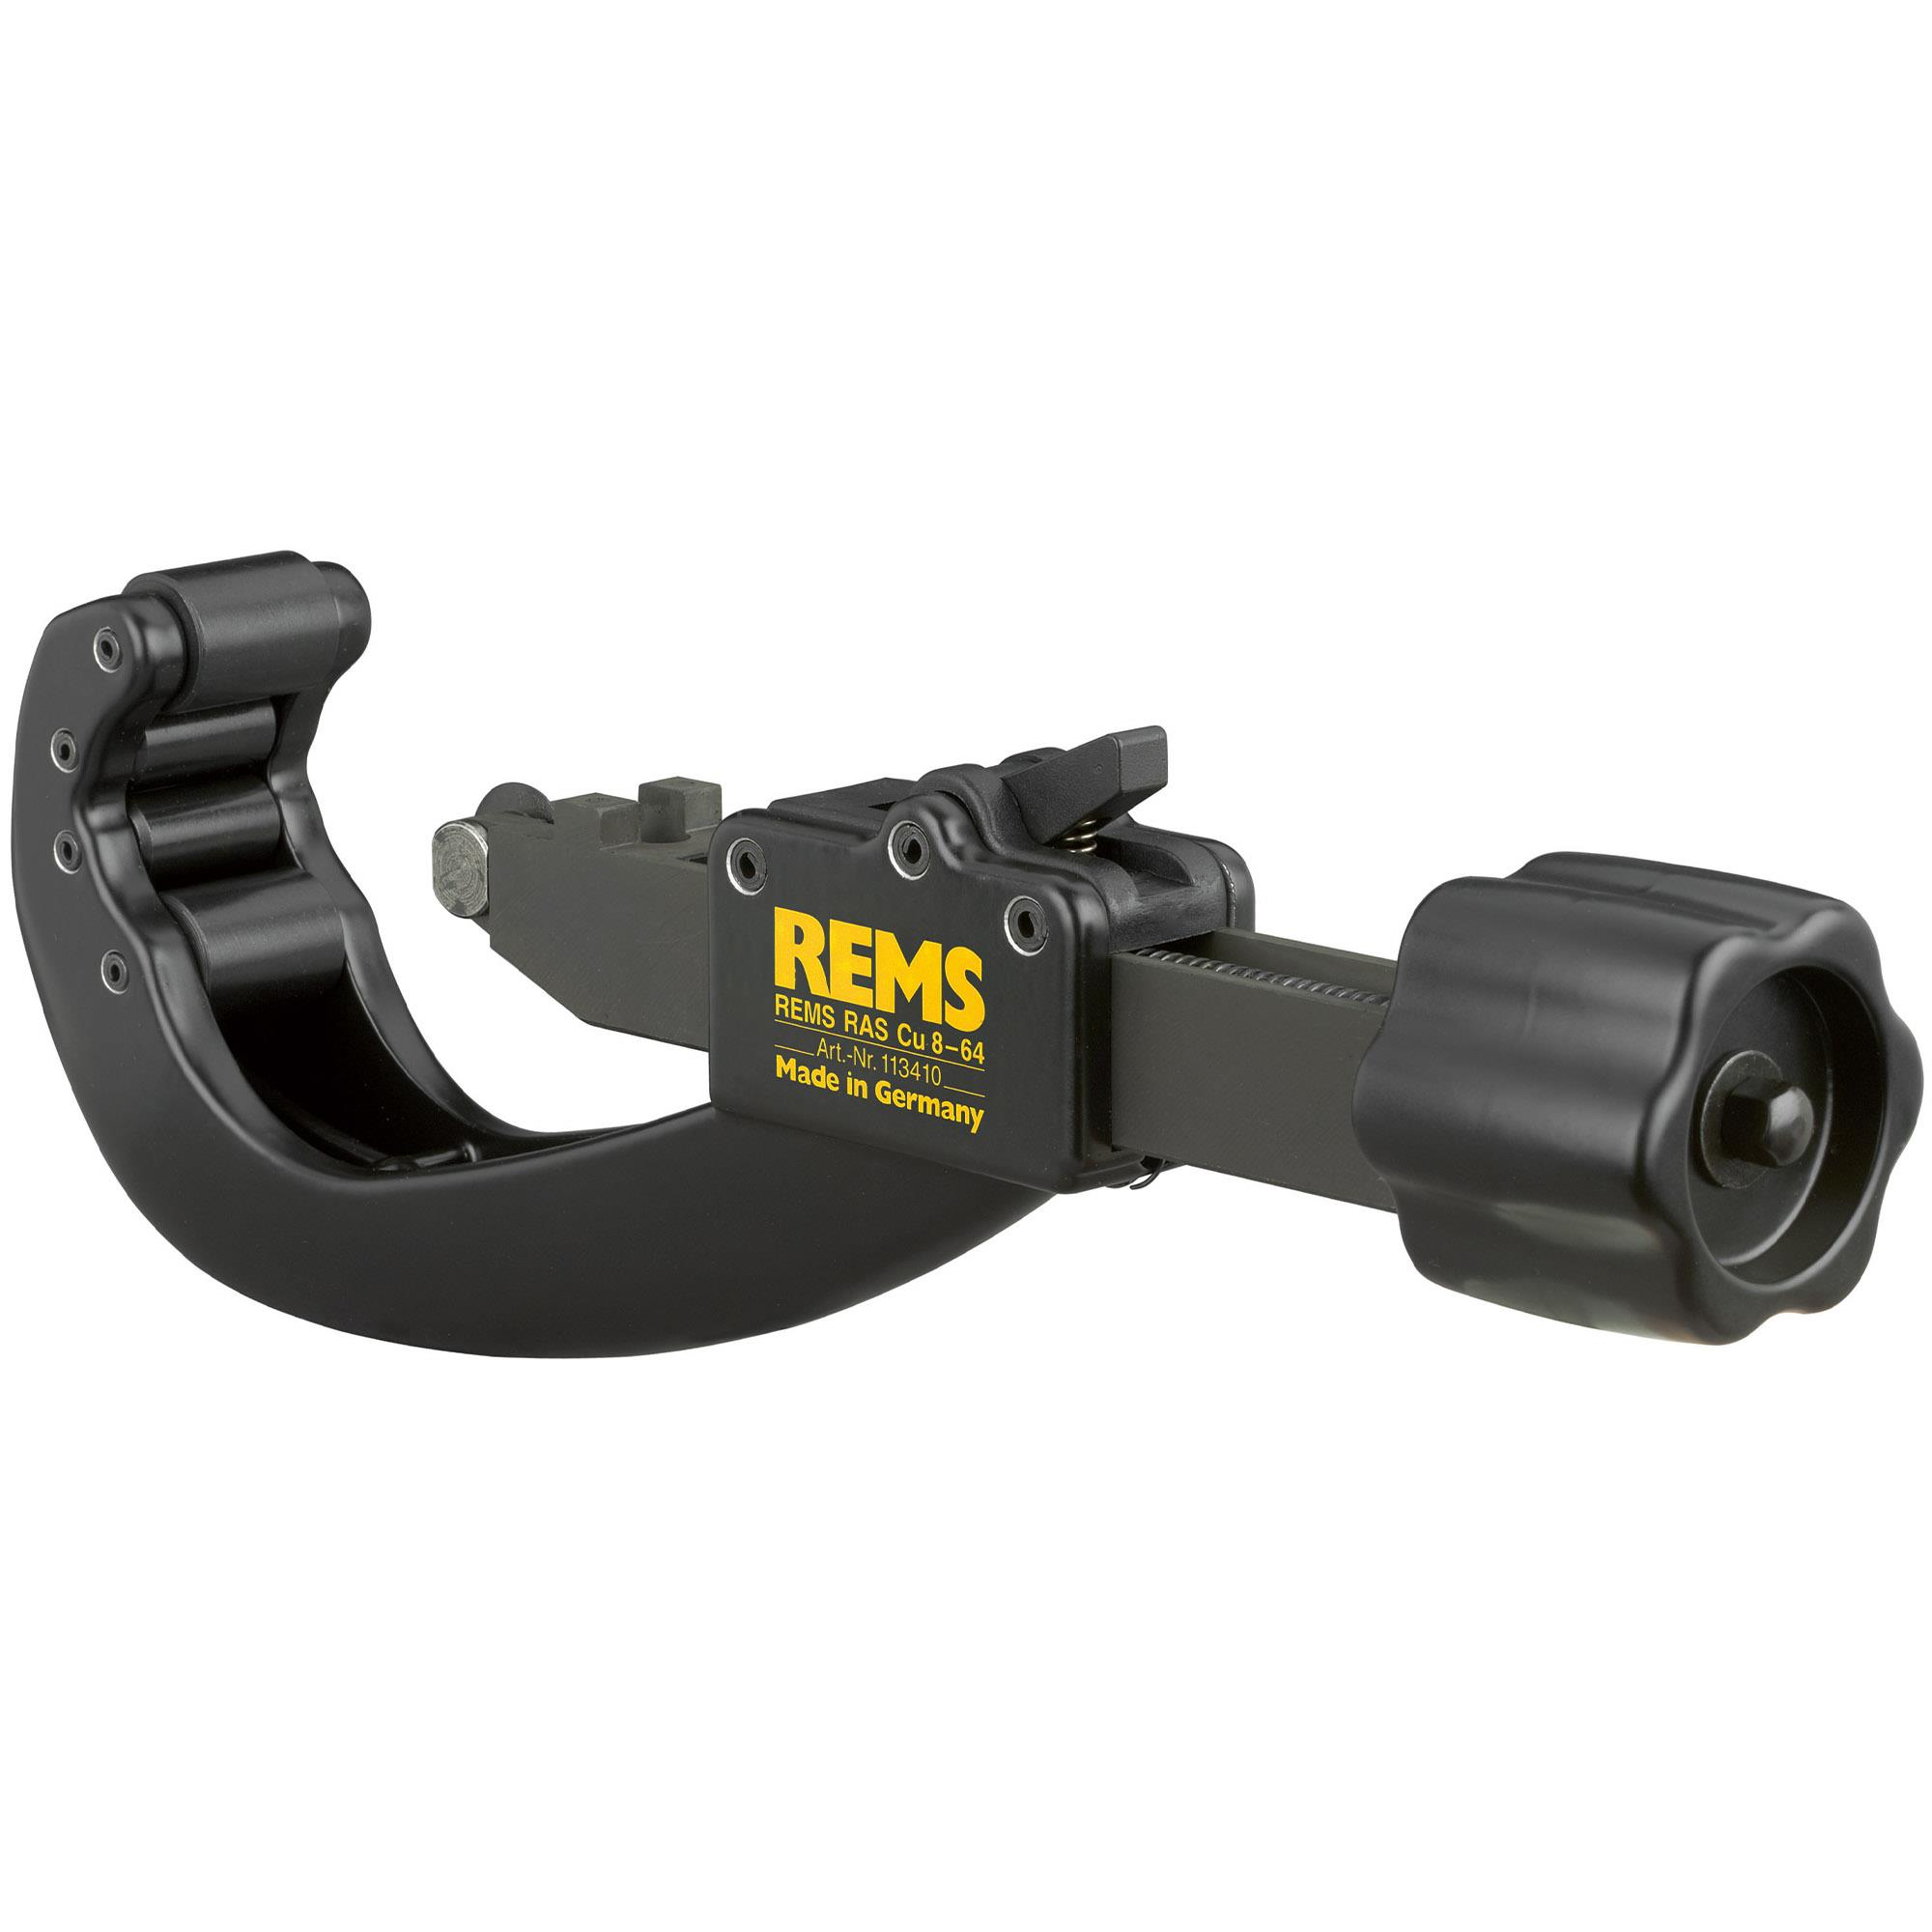 REMS RAS Cu Röravskärare 8-64 mm